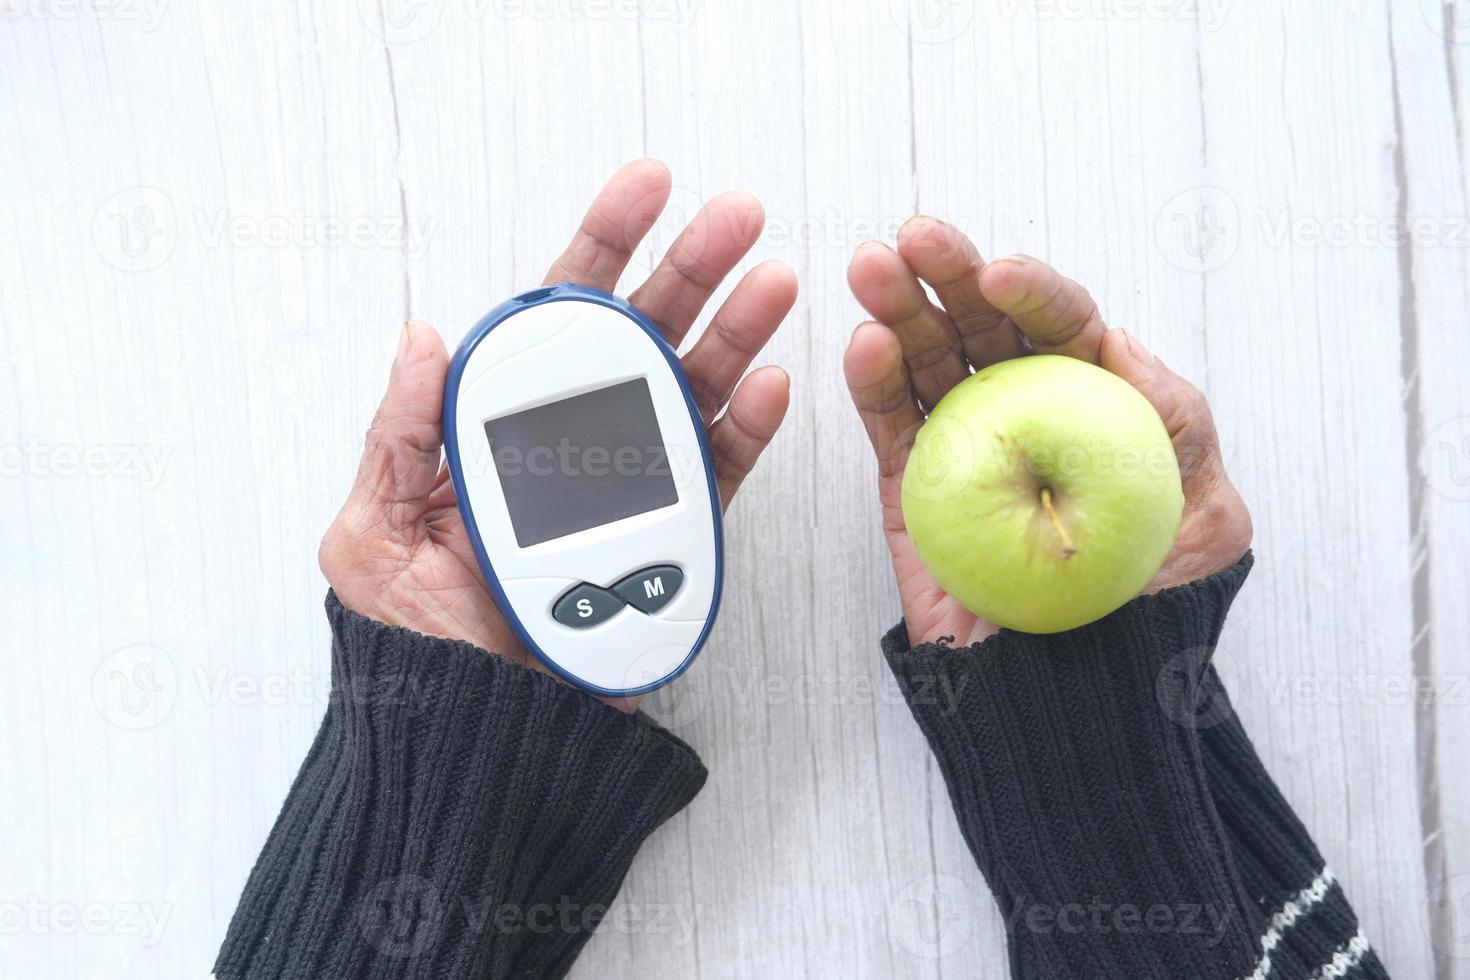 senior woman holding outils de mesure diabétique et apple sur table en bois photo